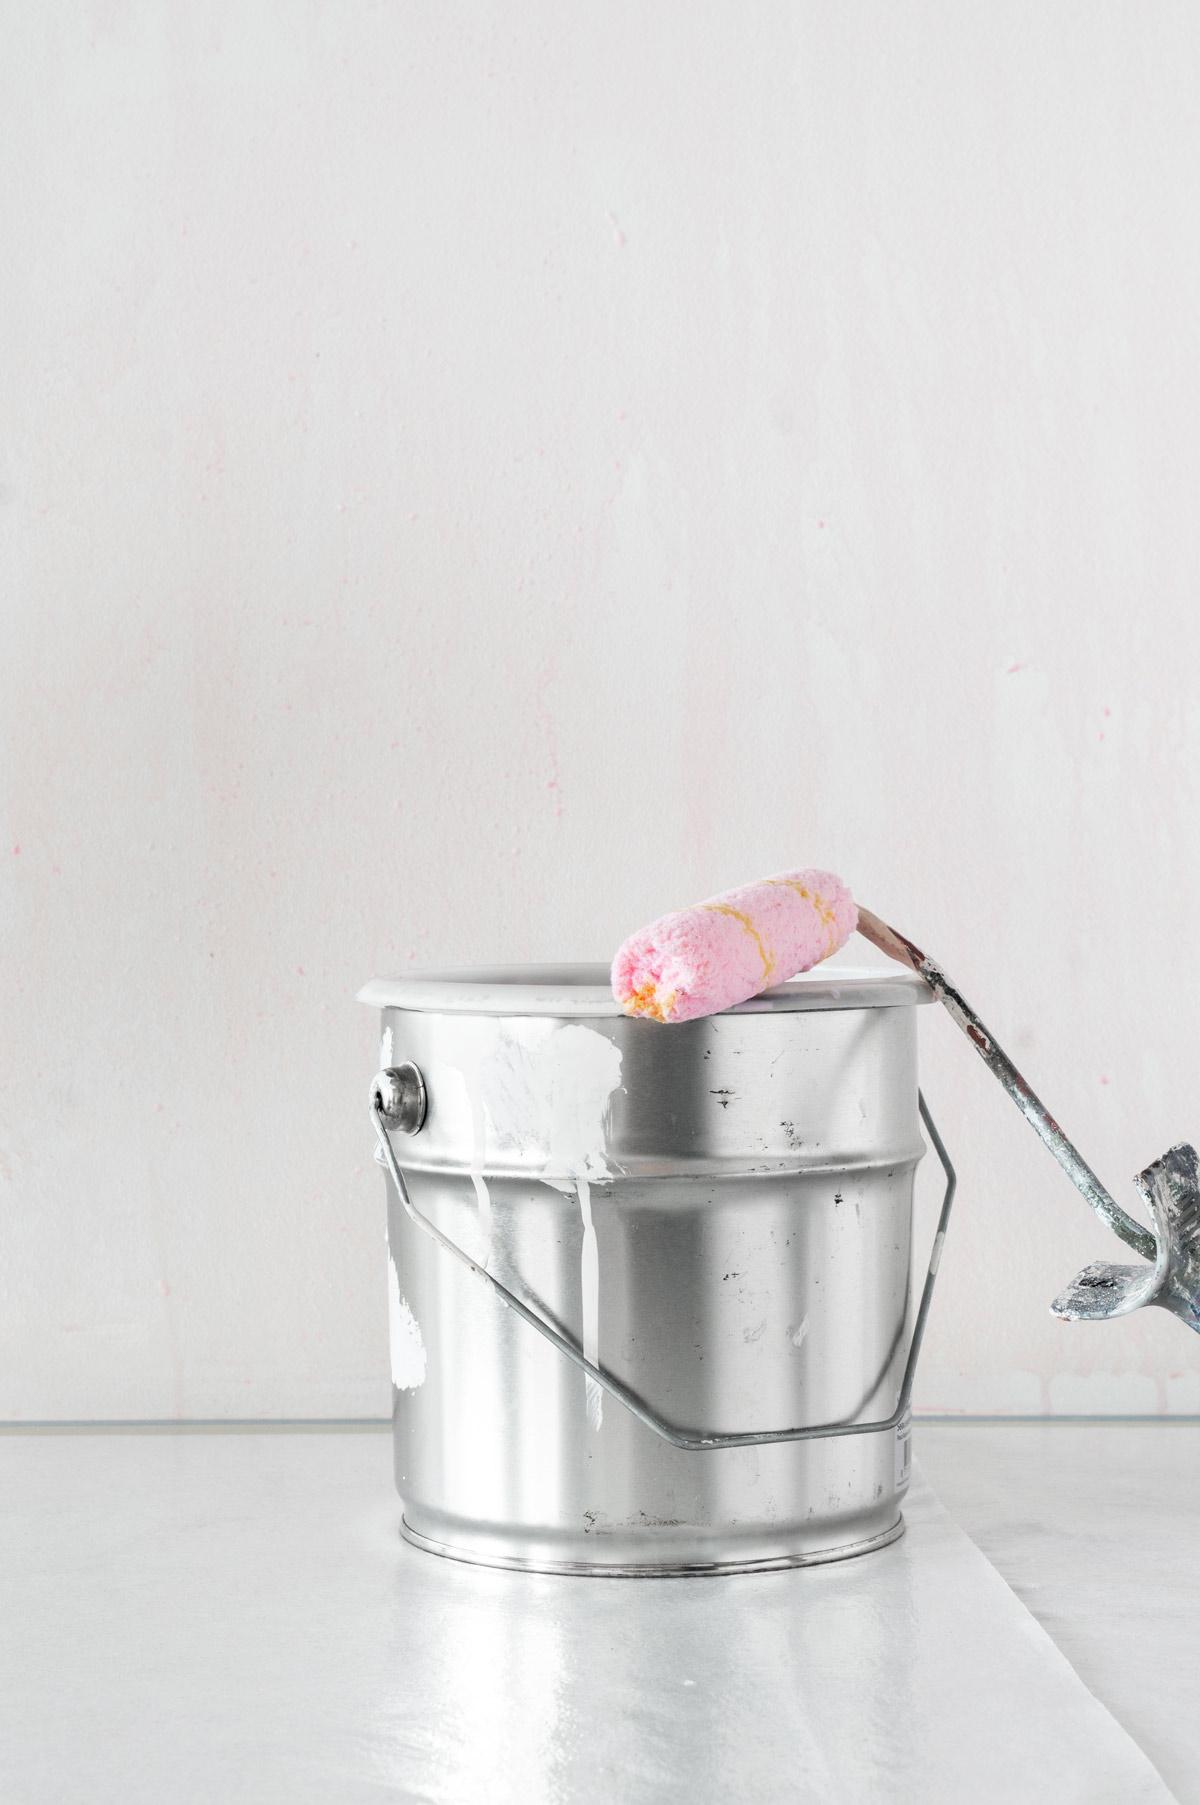 Keuken tegelen zegelis - Tanja van Hoogdalem